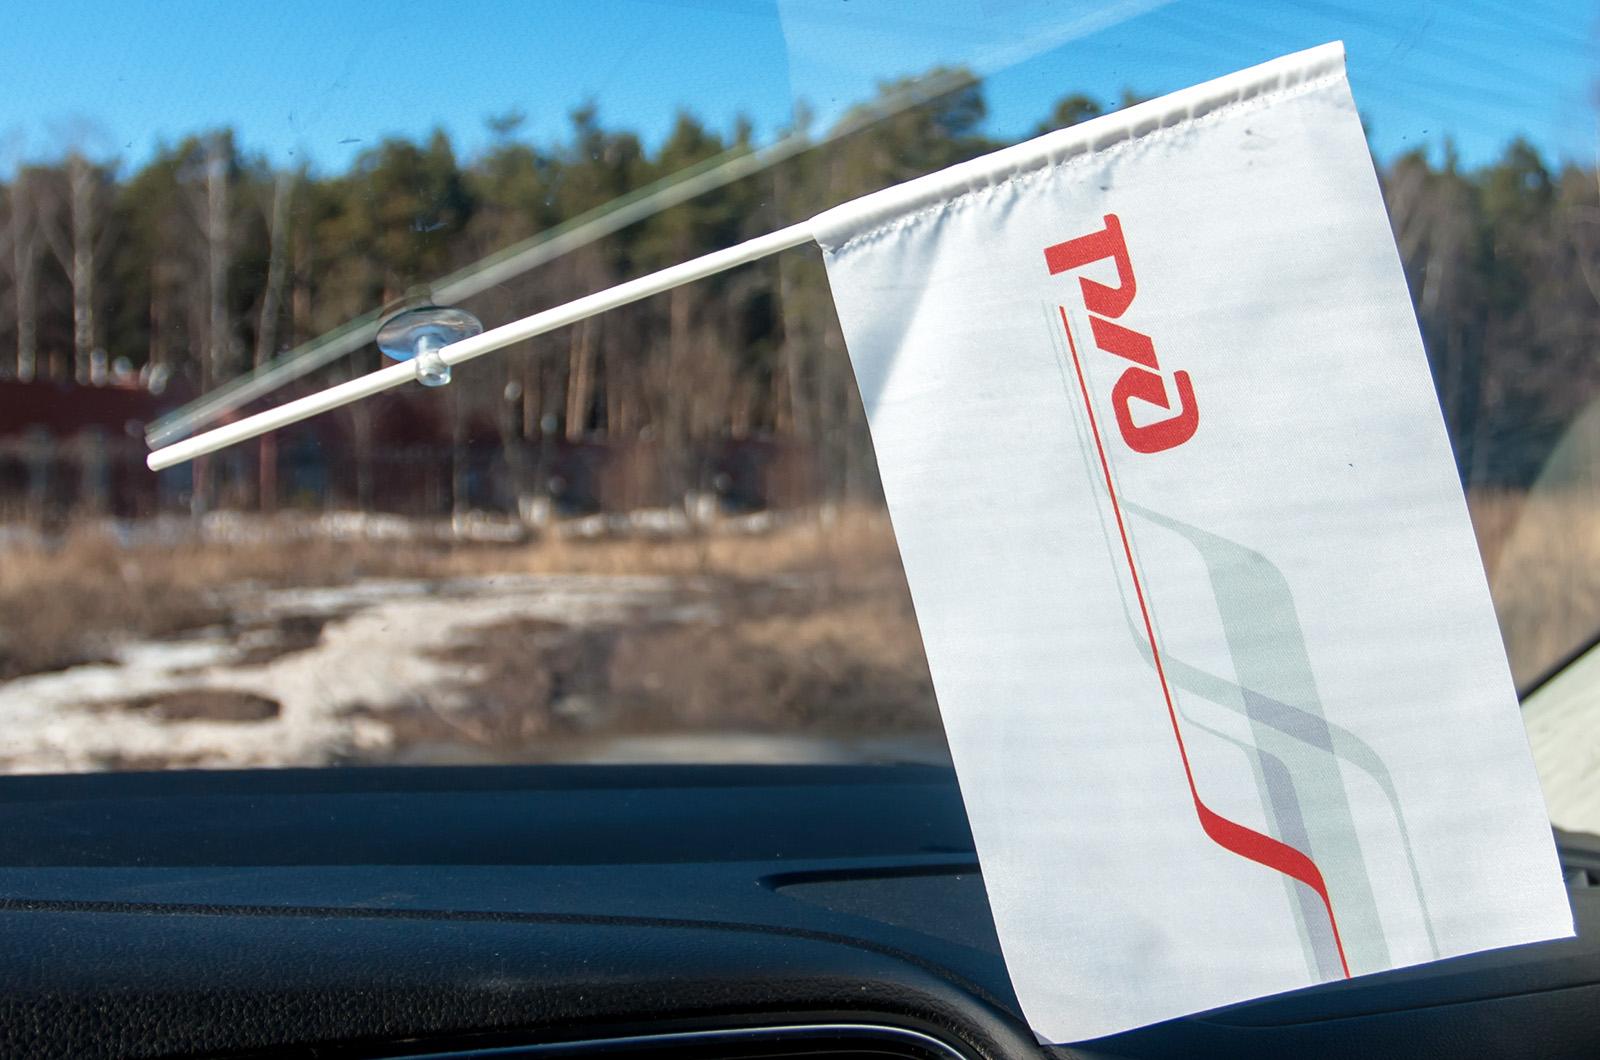 Флажок РЖД в машину